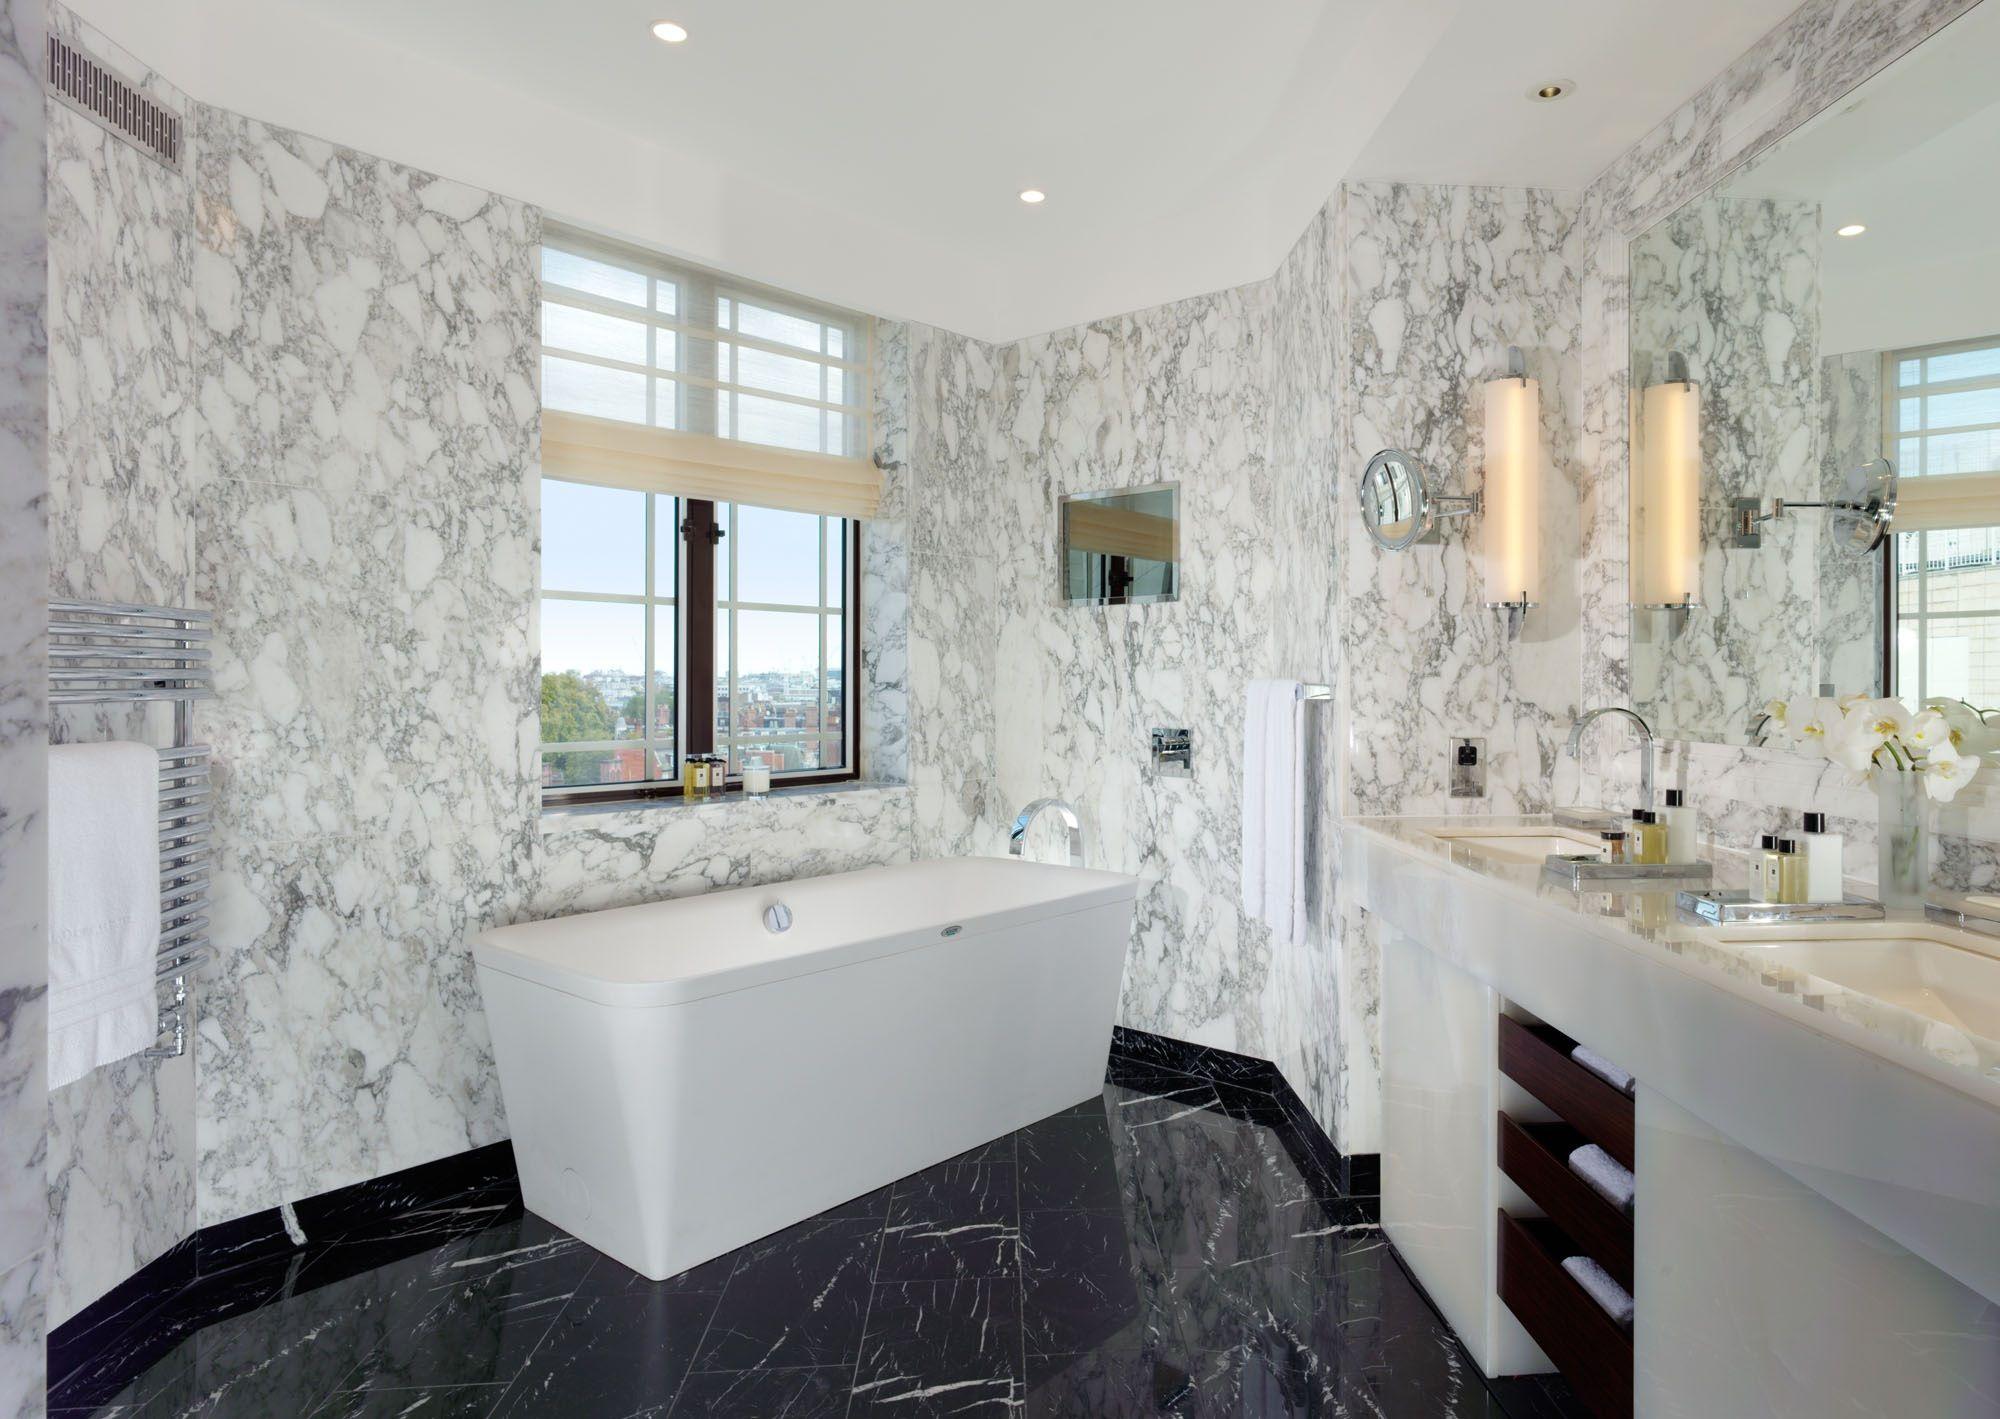 Luxury Hotel Bathrooms Interior Design